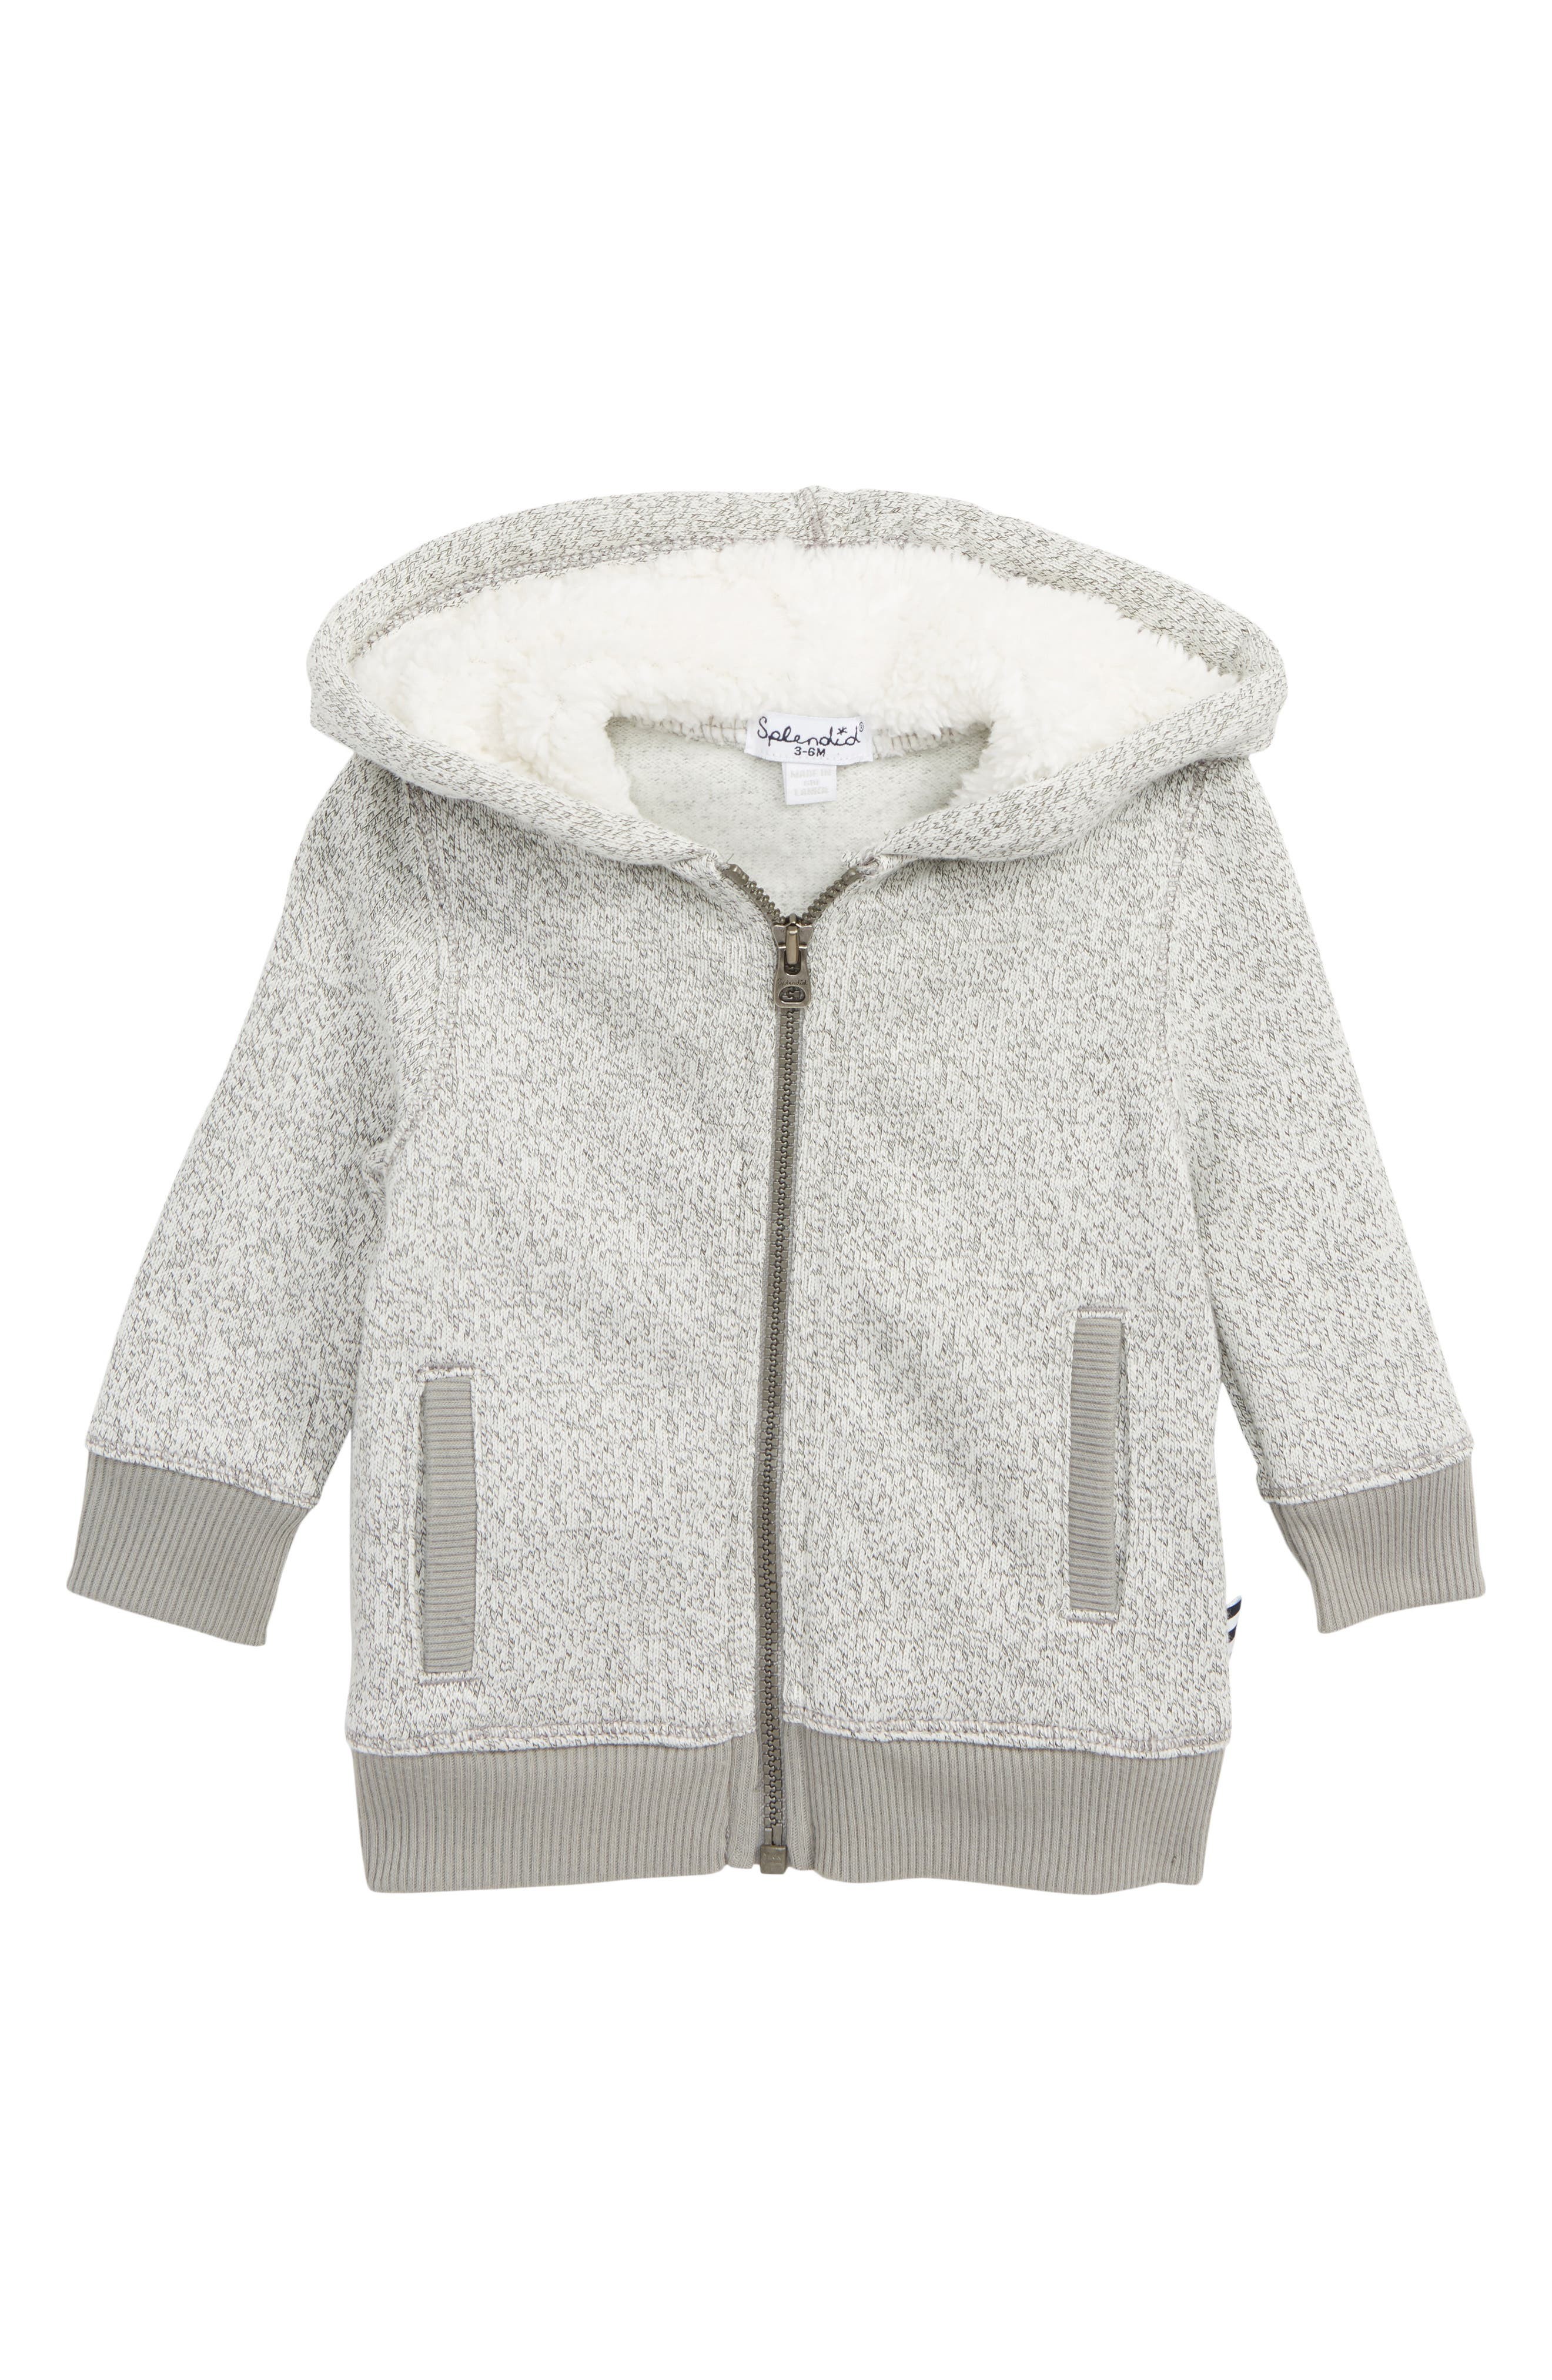 SPLENDID Marled Fleece Full Zip Hoodie, Main, color, FLINT GRAY